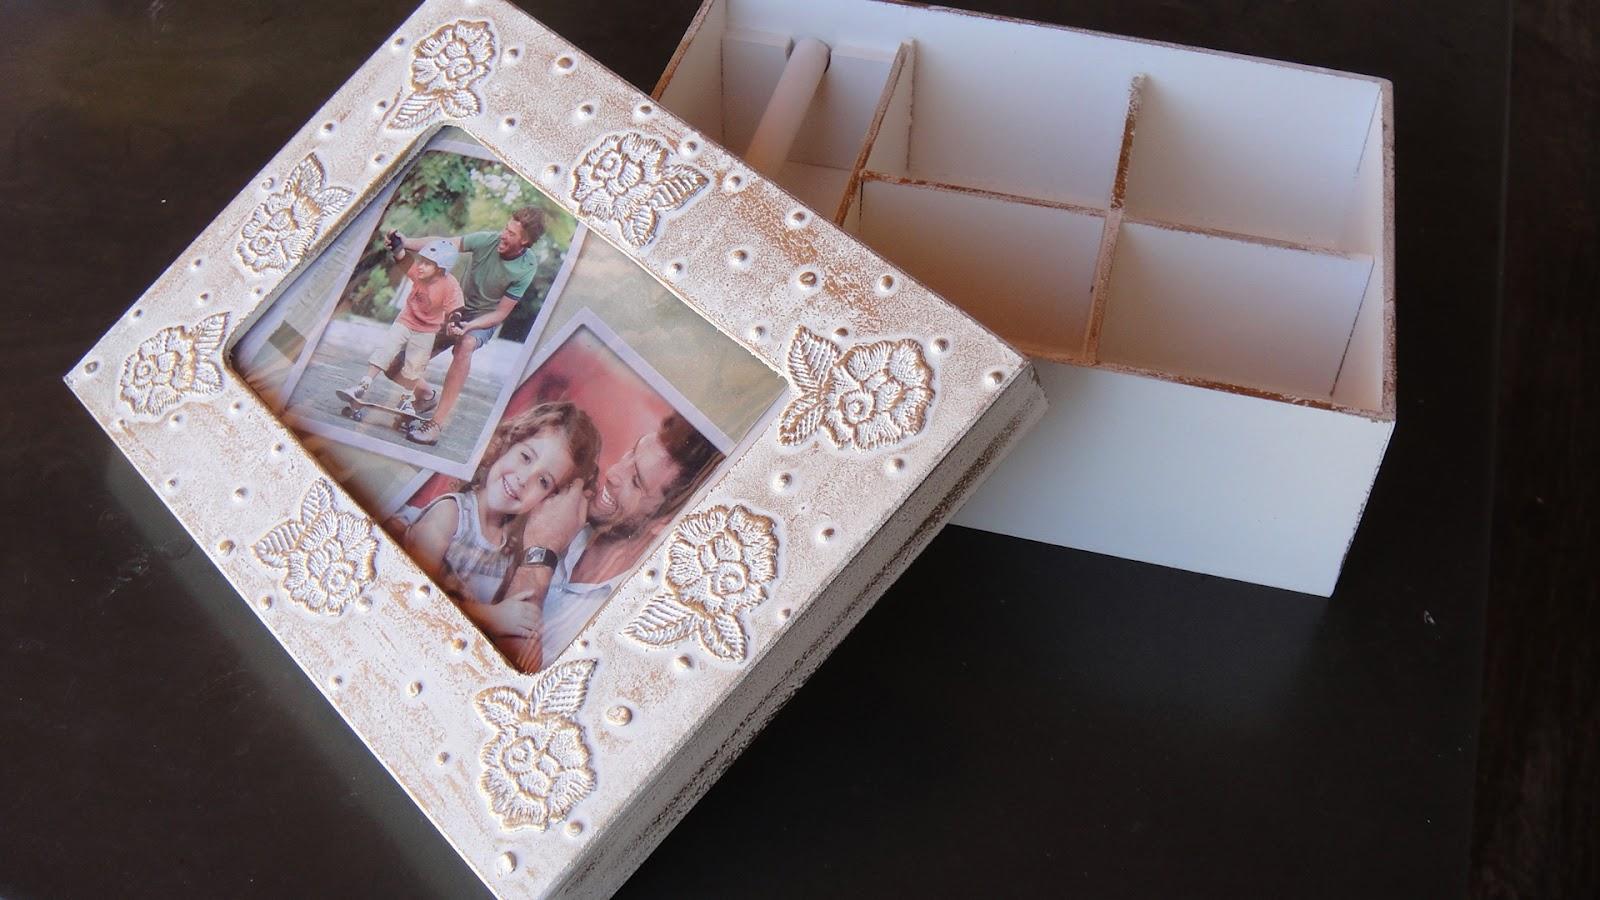 Adesivo De Guarda Roupa Infantil ~ Artesanatos Goi u00e2nia Mina das Artes Caixas para lembranças de casamento, aniversário, batizado